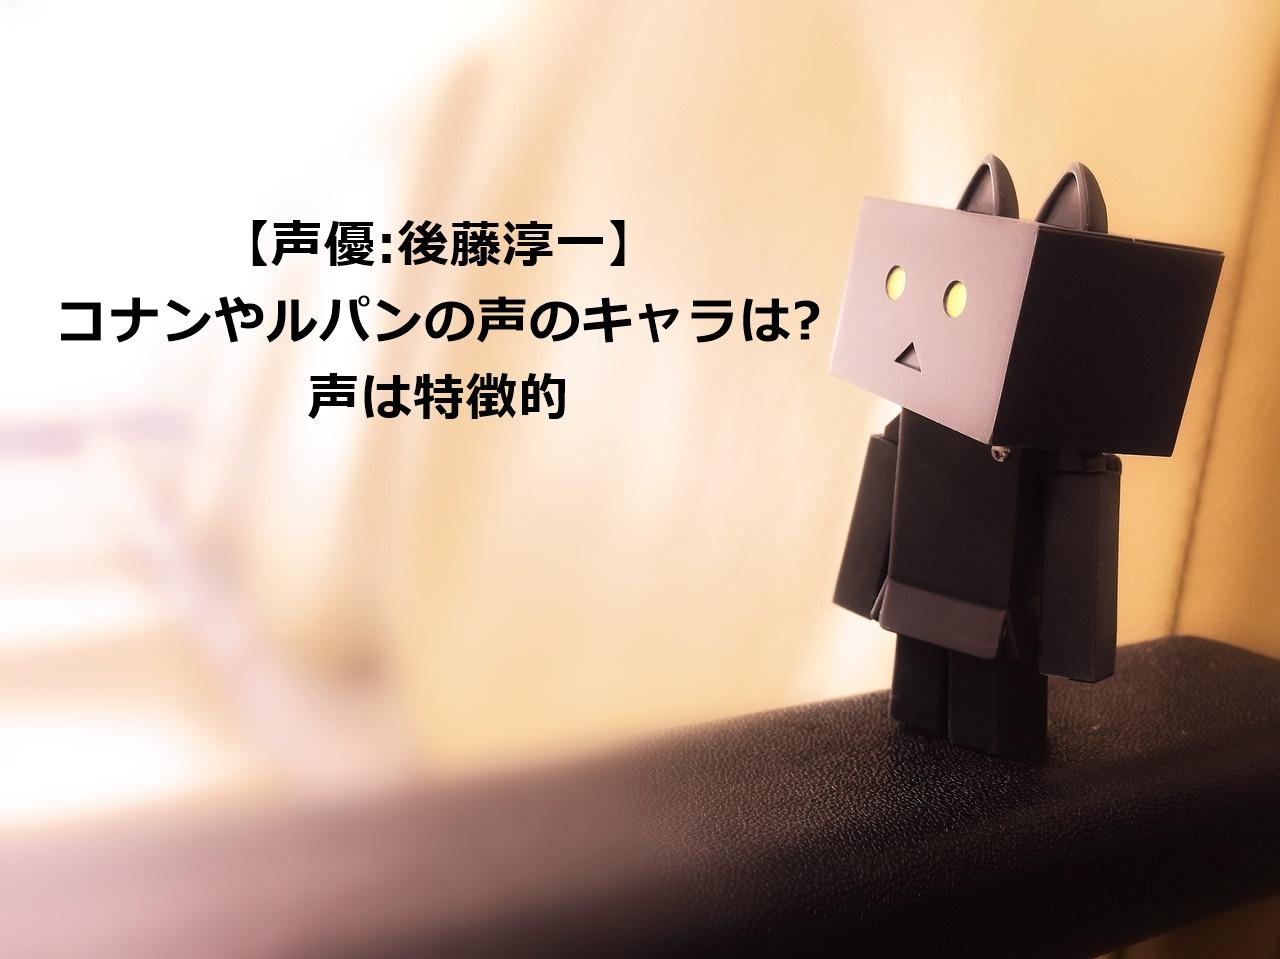 声優後藤淳一|コナン&ルパンでのキャラは誰なのか画像や声は?